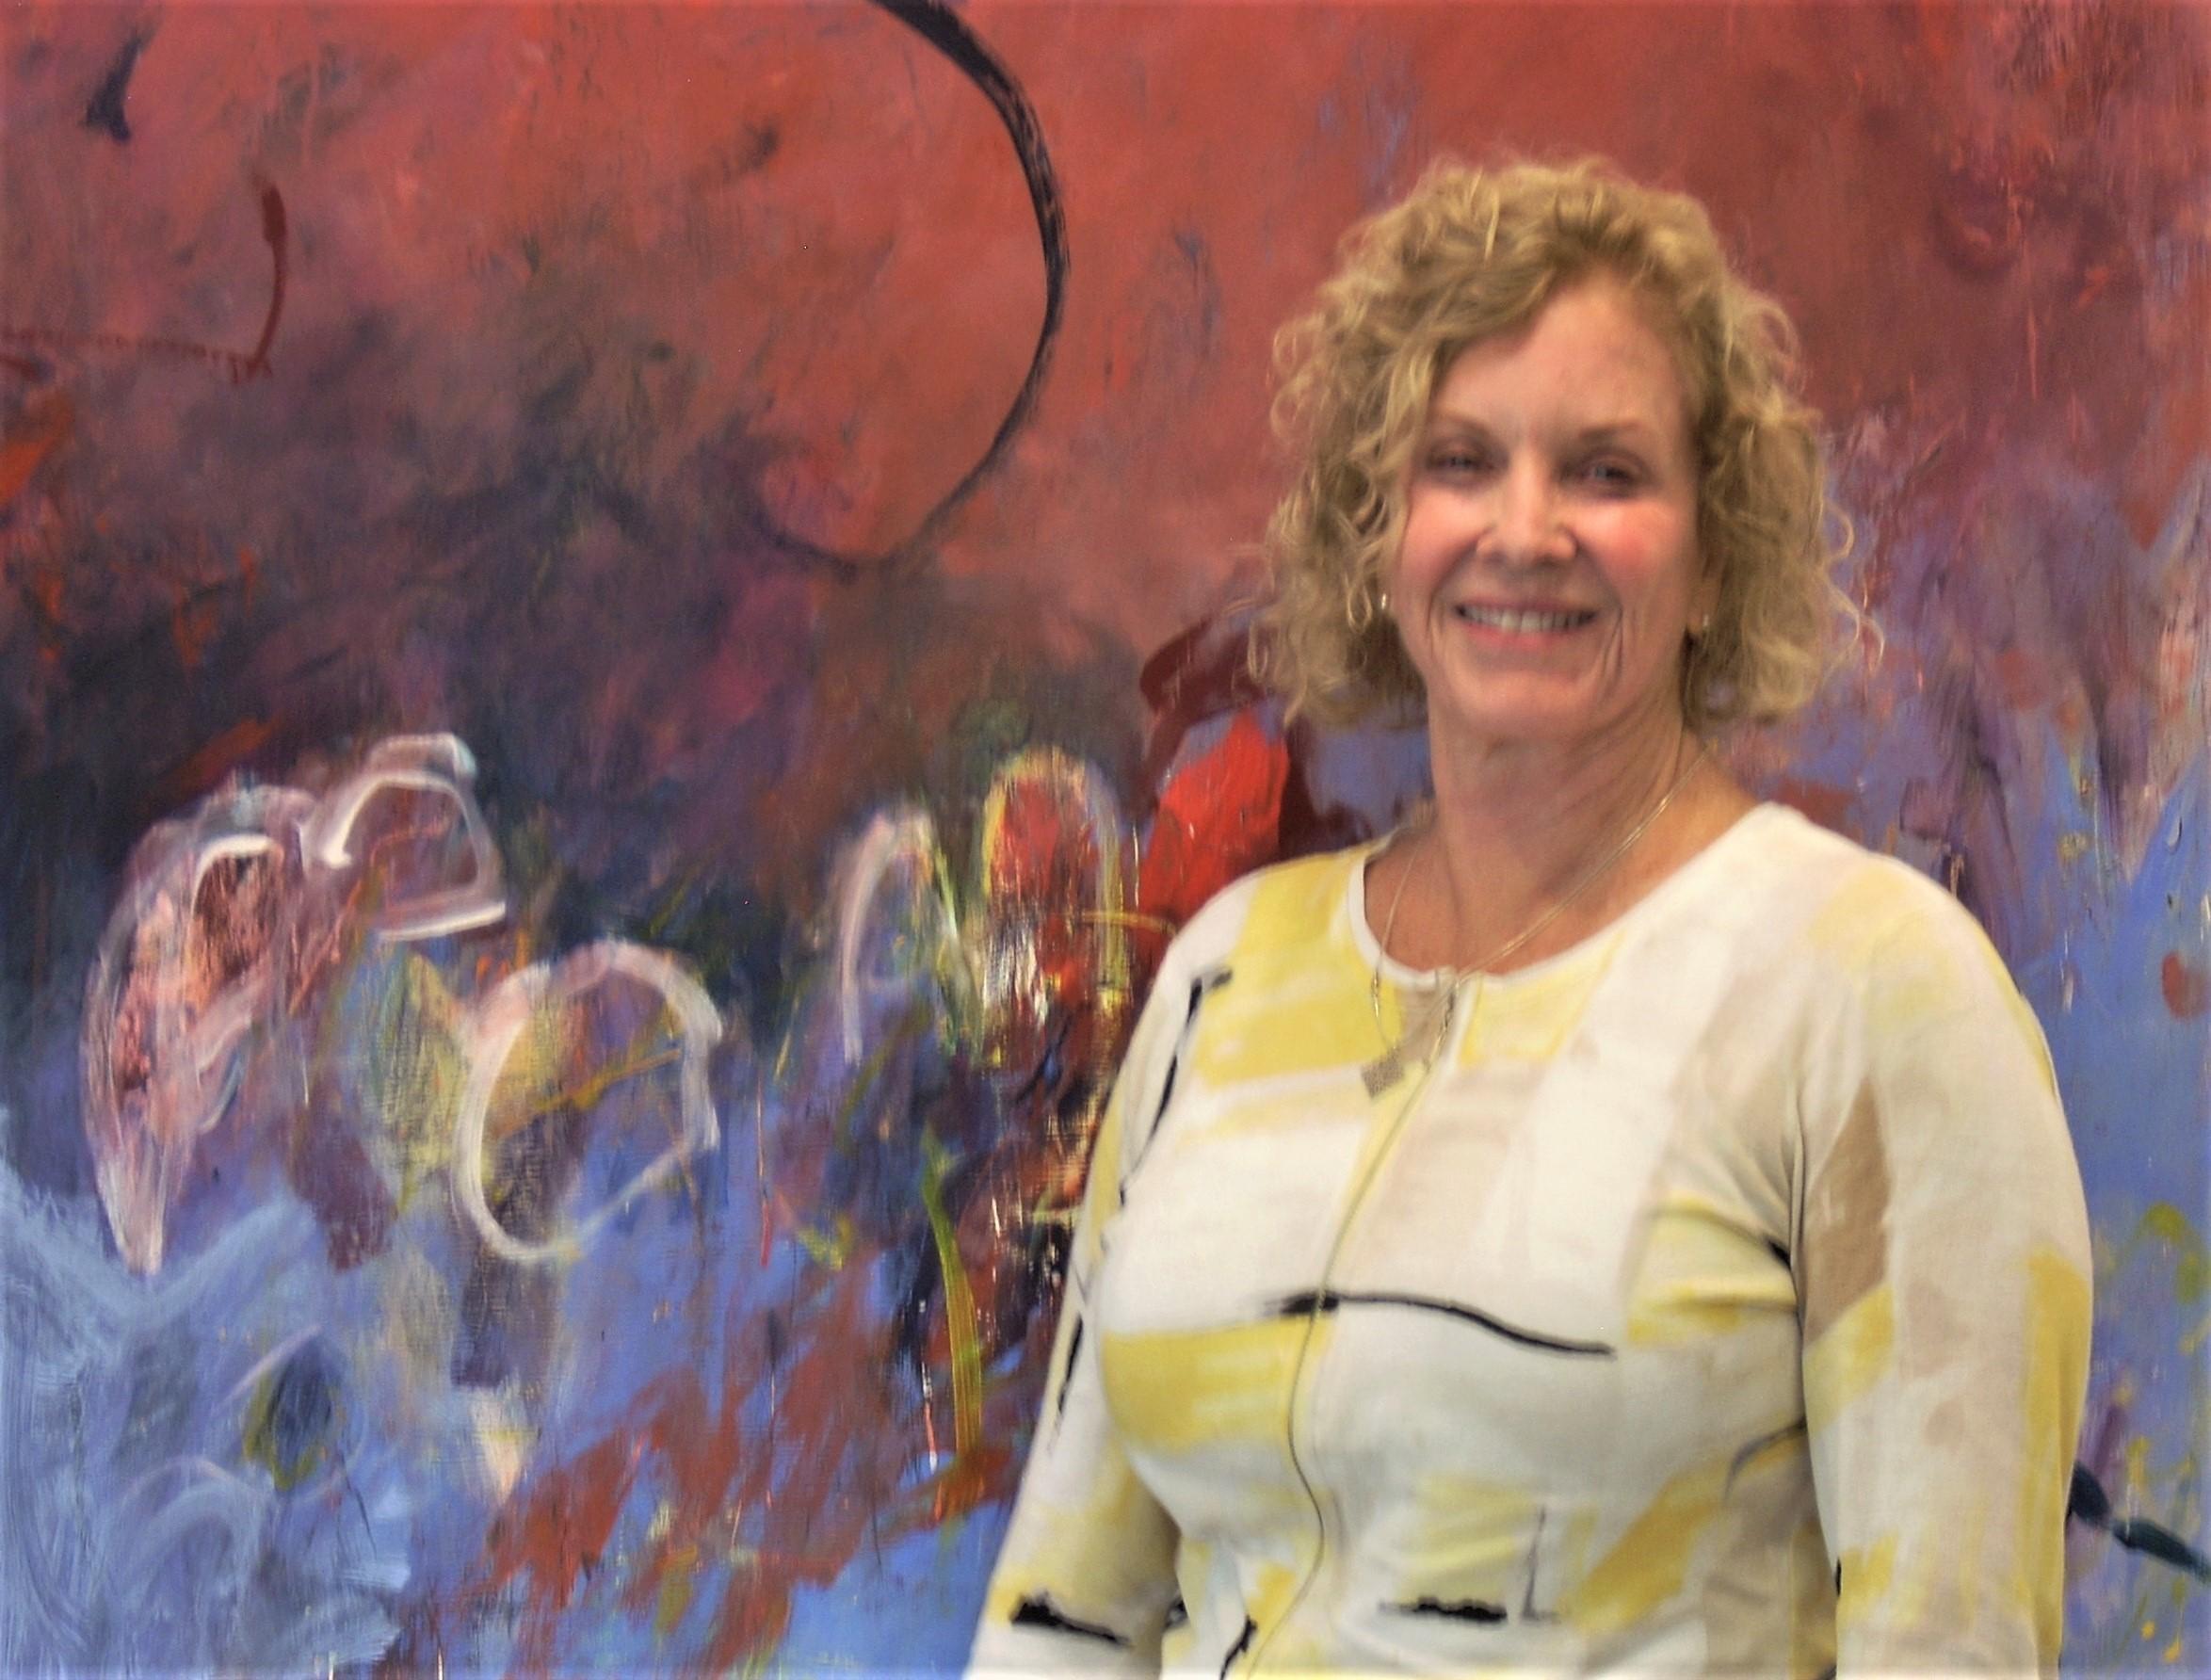 Suzanne portrait 2.JPG